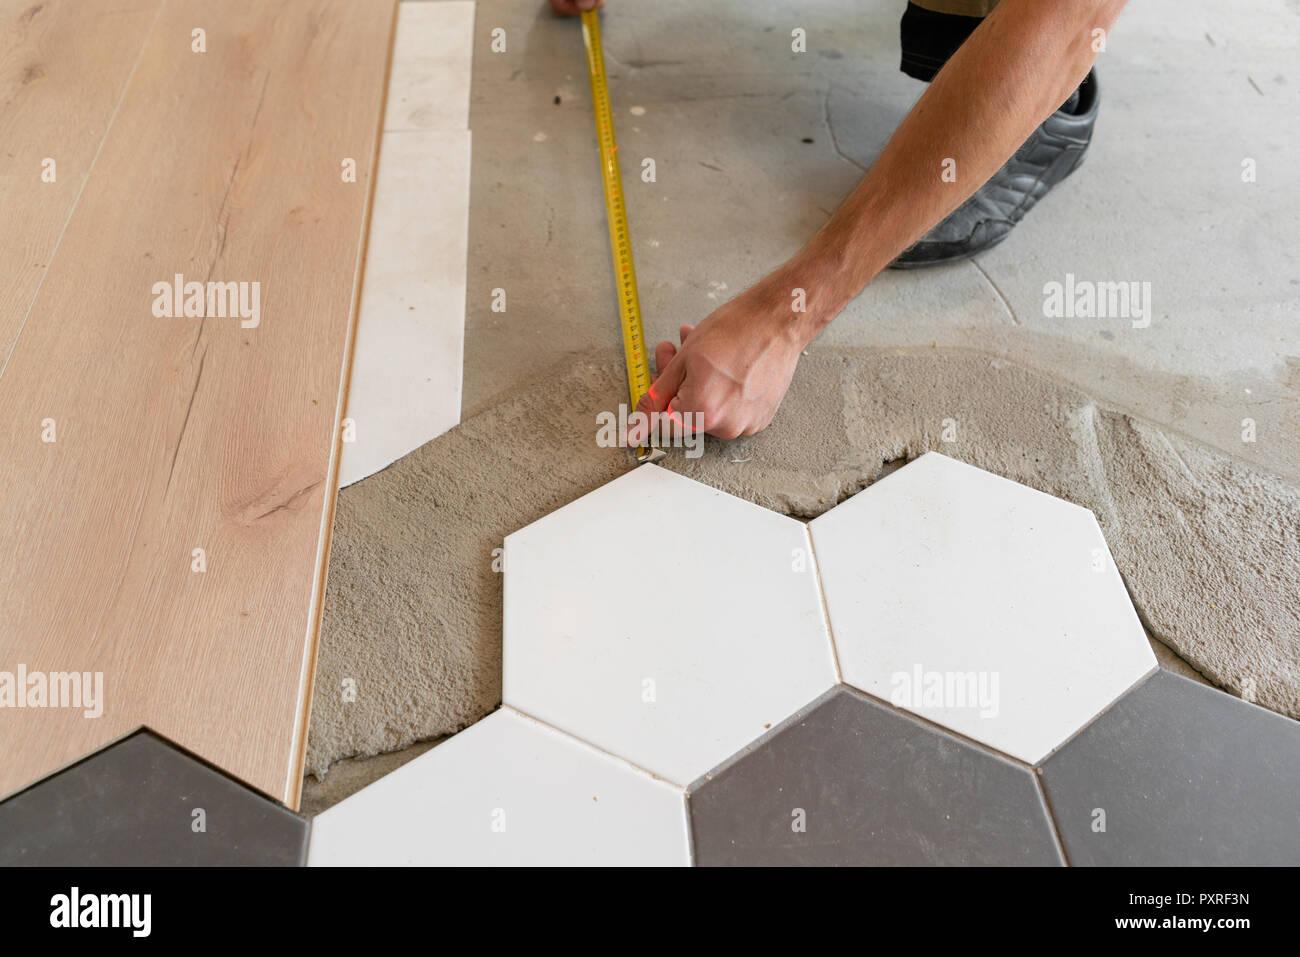 Riscaldamento A Pavimento E Laminato lavoratore di sesso maschile di installare nuovi in legno